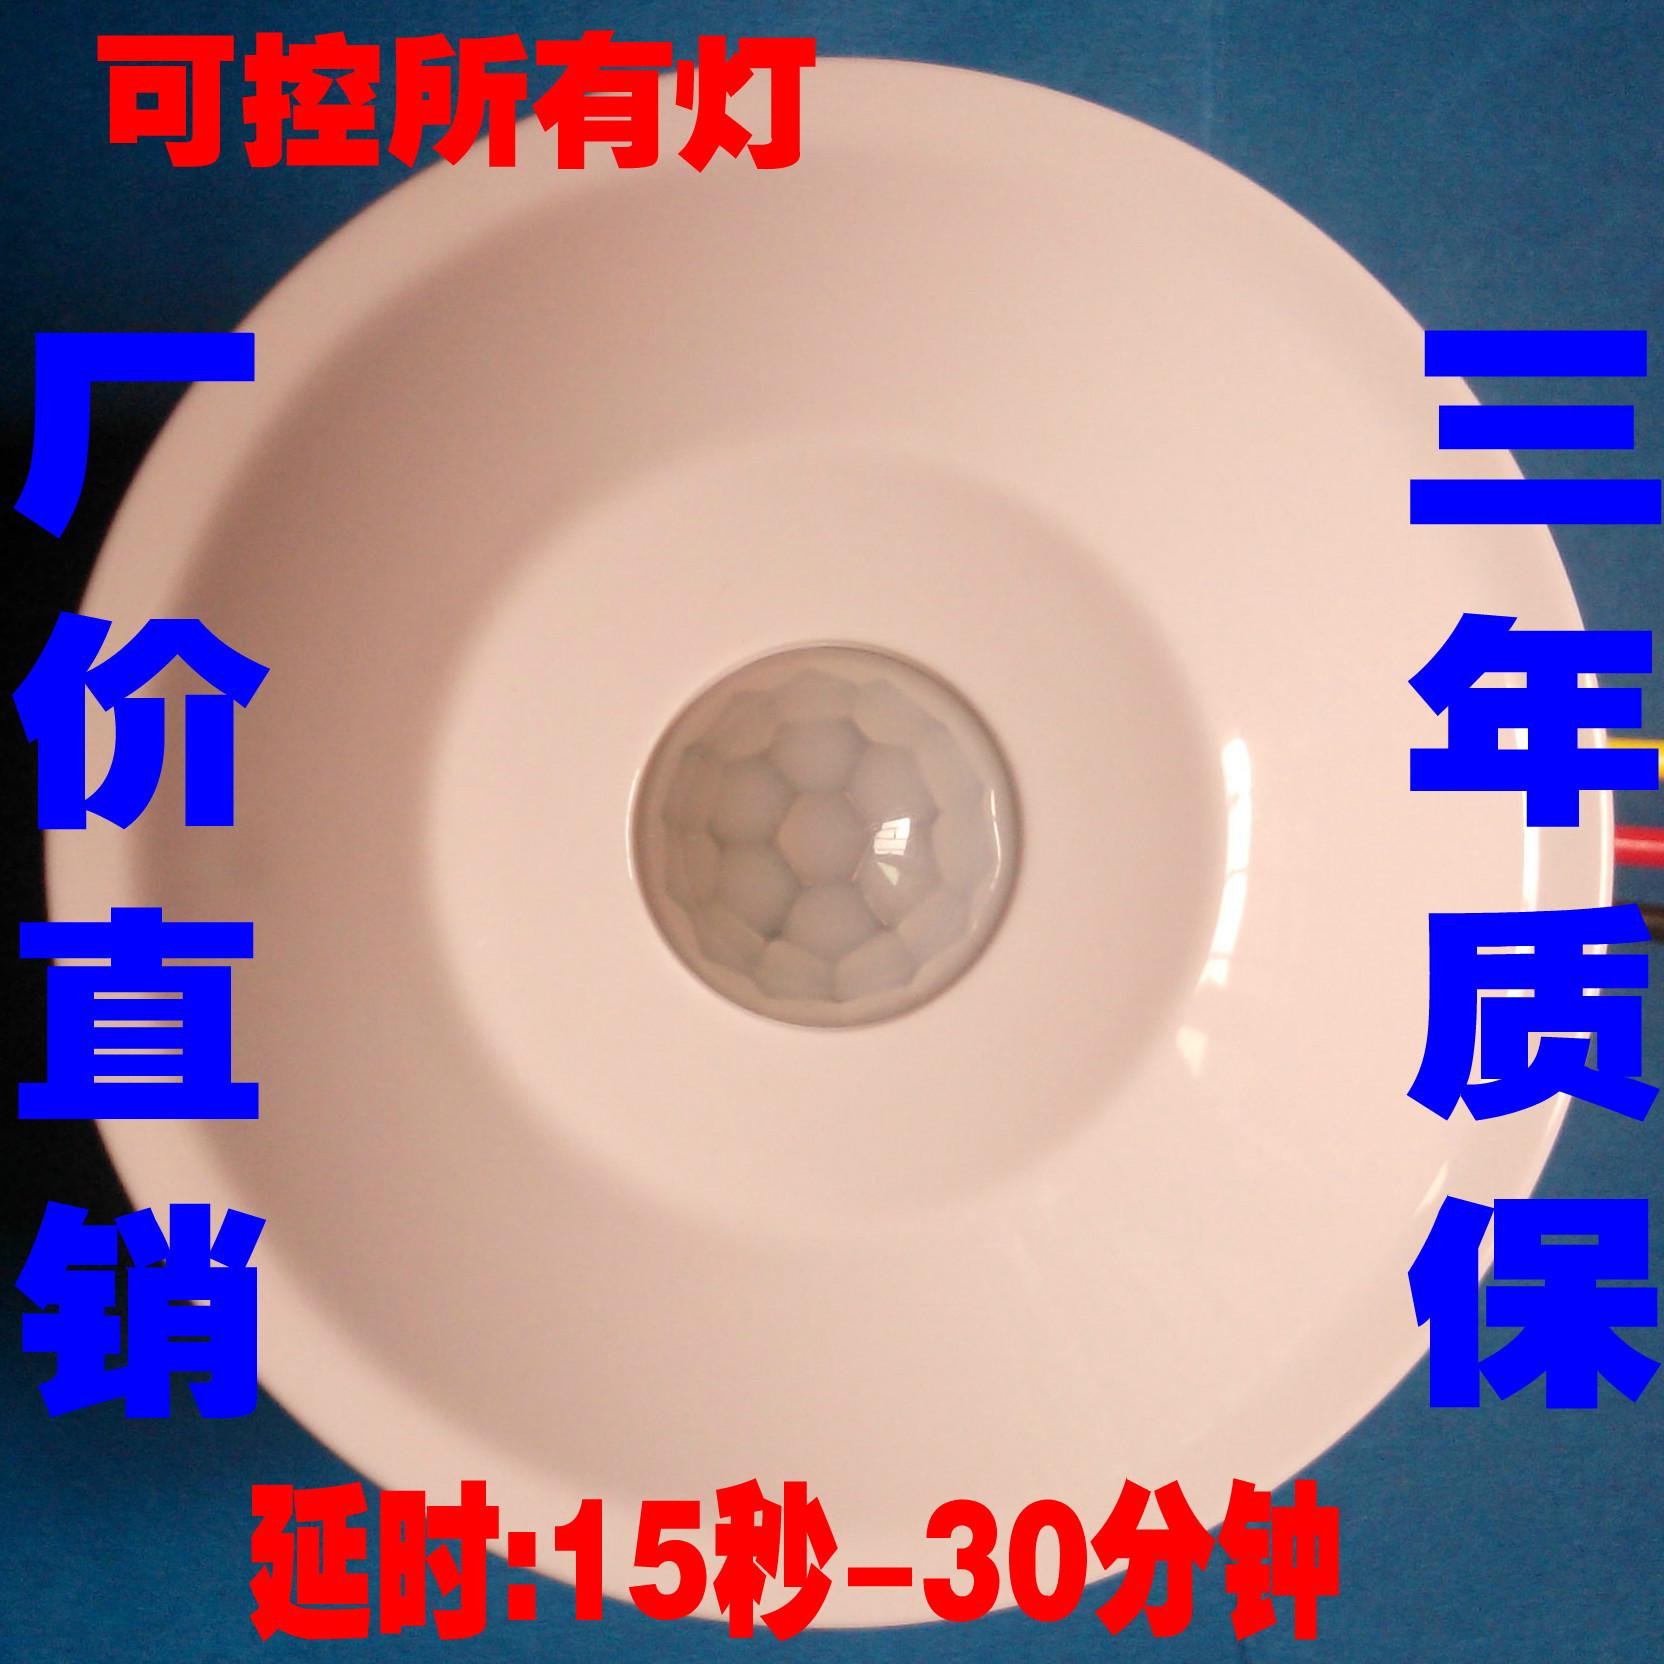 الأشعة تحت الحمراء الاستشعار التبديل نوع السقف عالية الطاقة 12V أدى ضوء التتابع يمكن توصيل جميع الأضواء